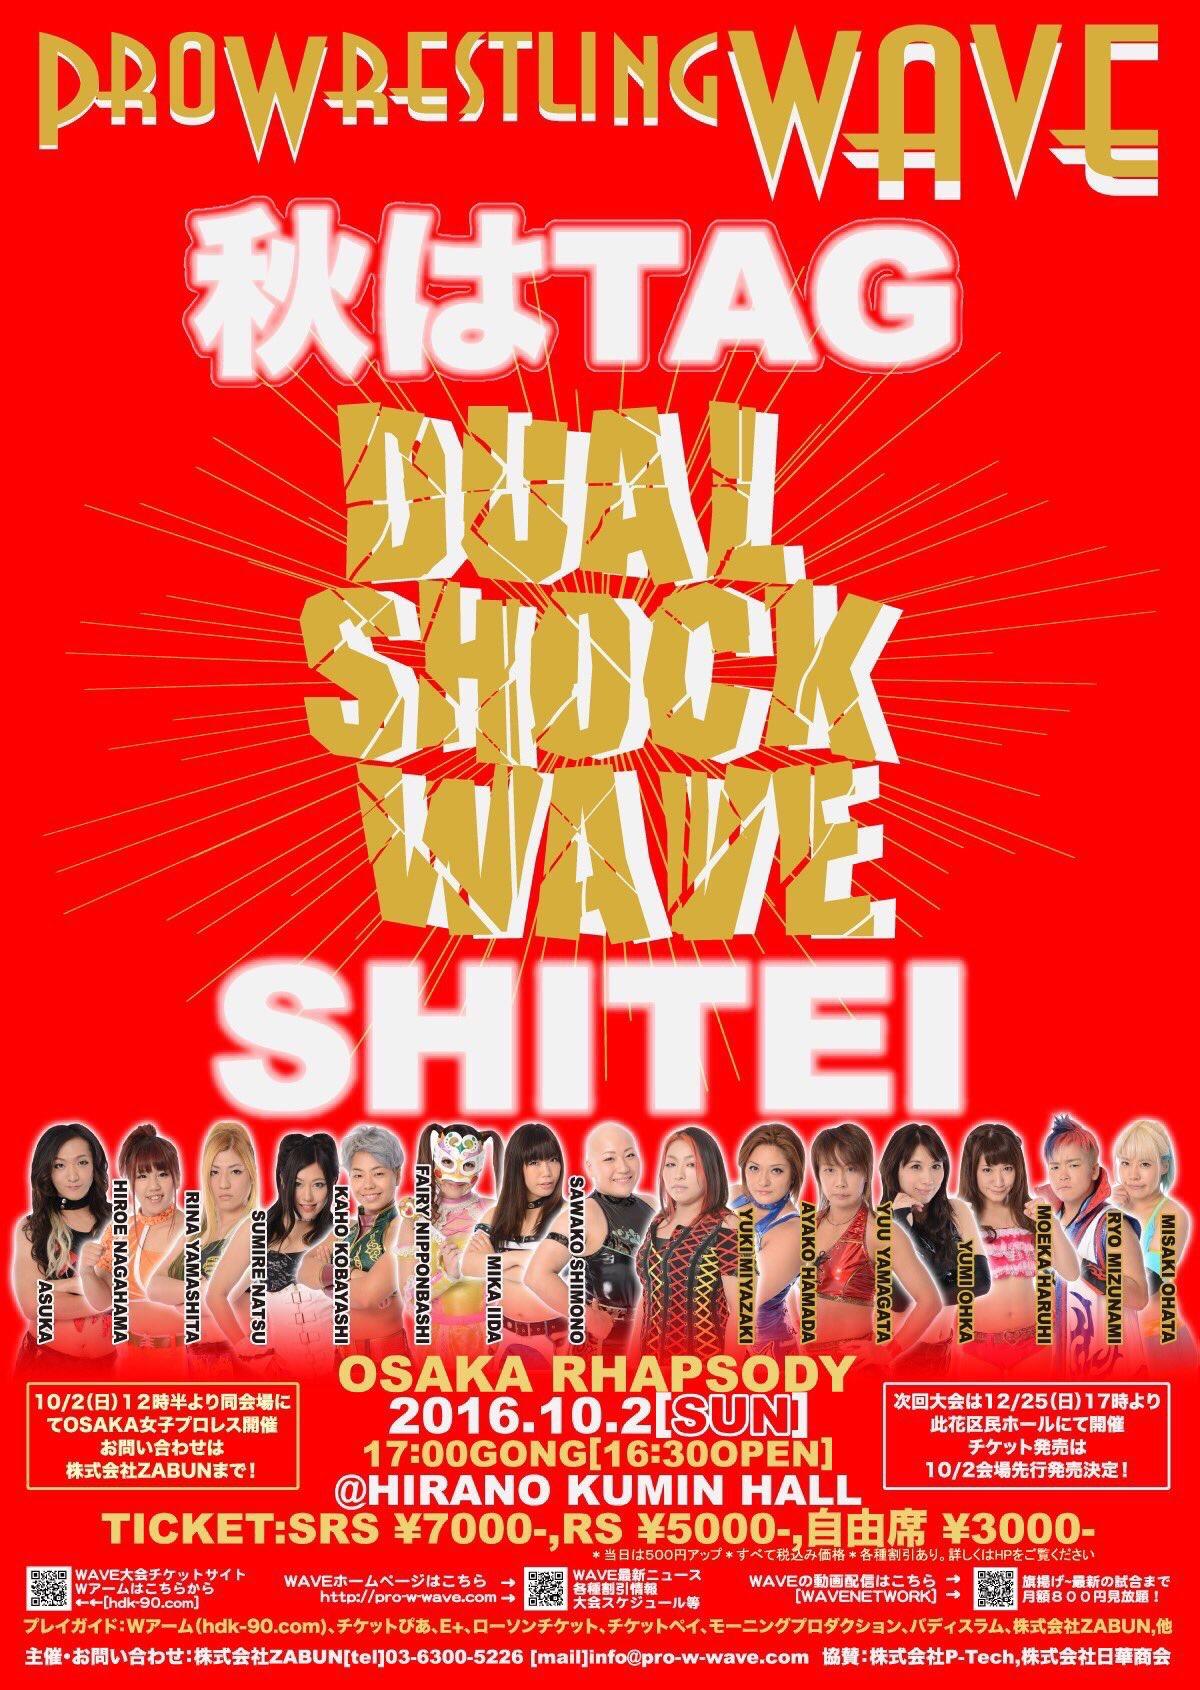 【プロレスリングWAVE】10・2大阪大会全対戦カード決定!&WAVE10・10後楽園大会一部対戦カード発表!